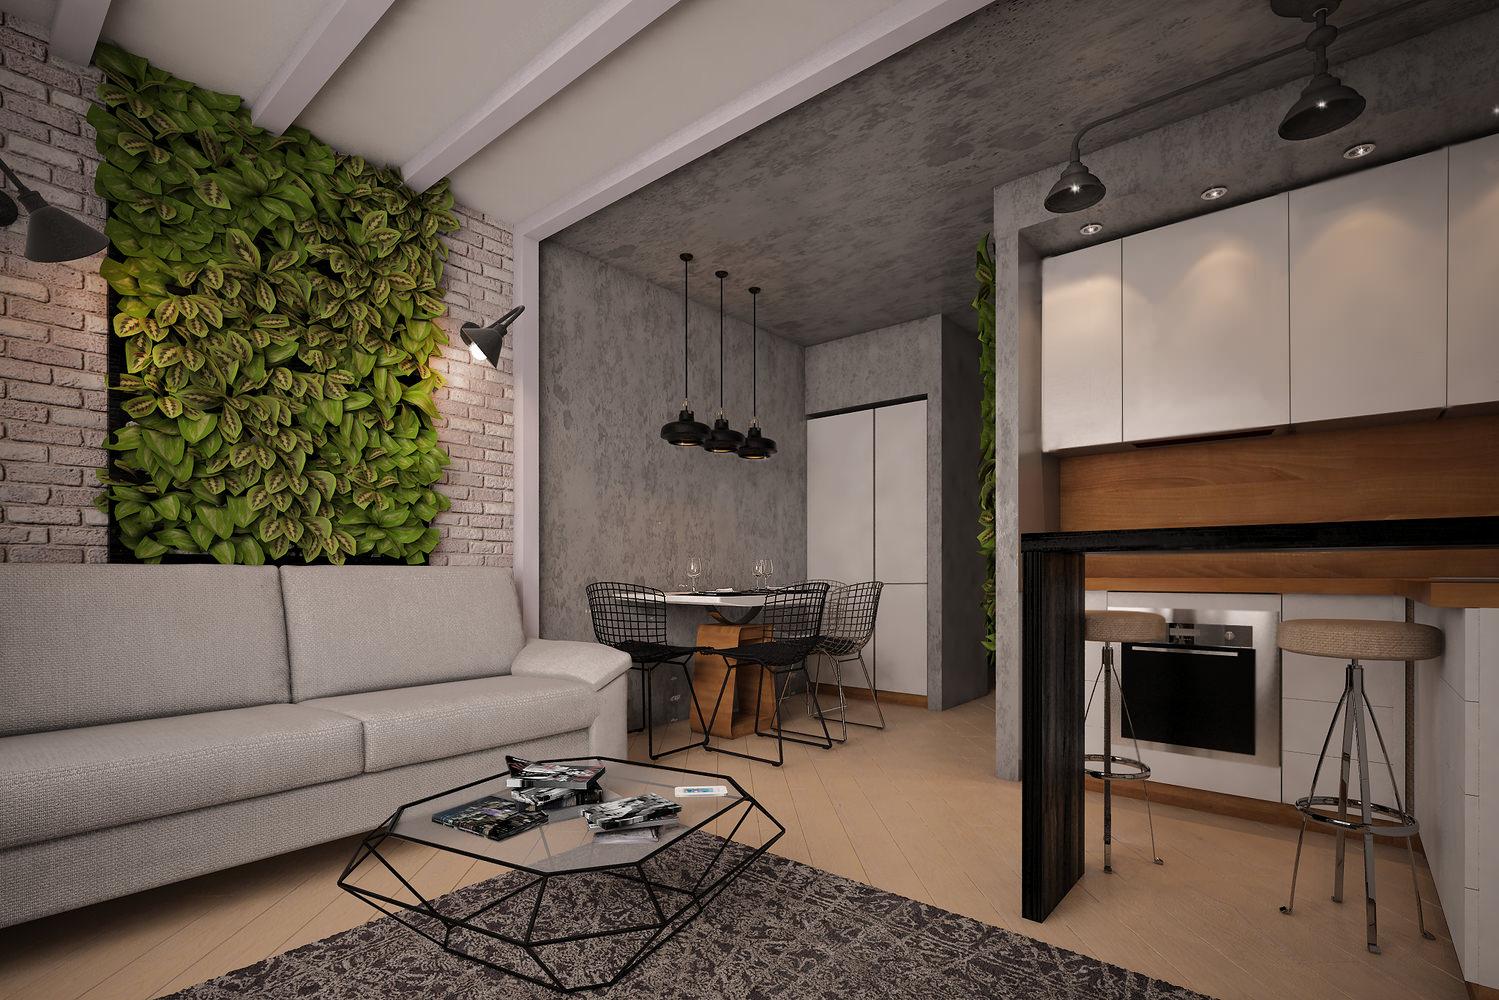 Стиль небольшого жилья